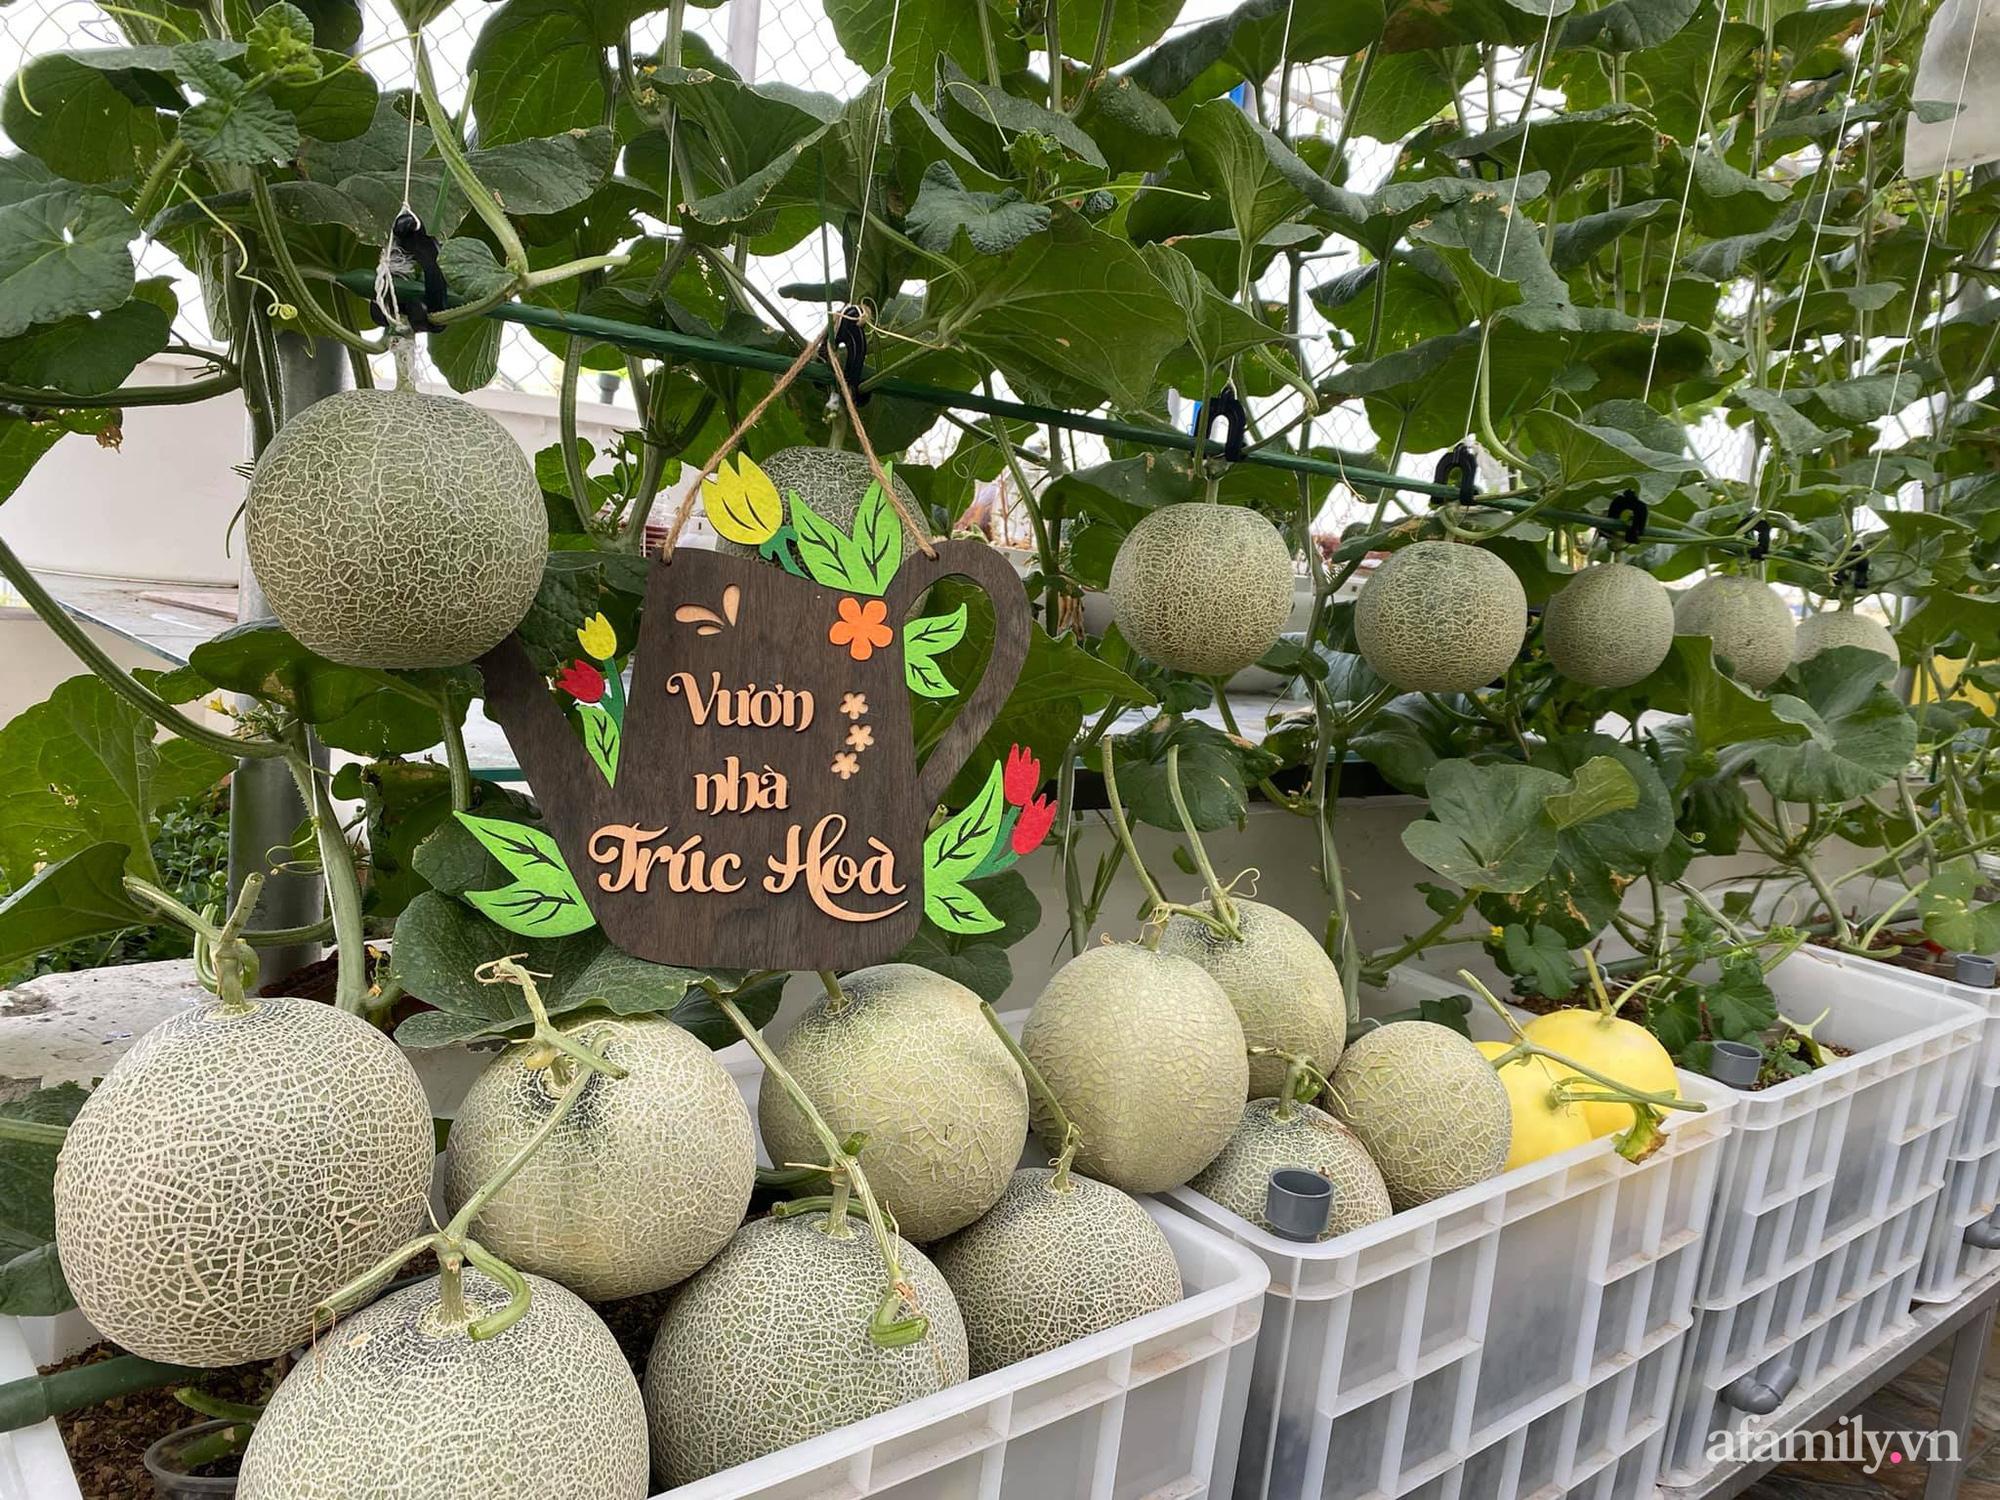 Giãn cách không ra khỏi nhà vẫn đủ rau quả thưởng thức nhờ vườn cây xanh um trên sân thượng ở Đà Nẵng - Ảnh 9.